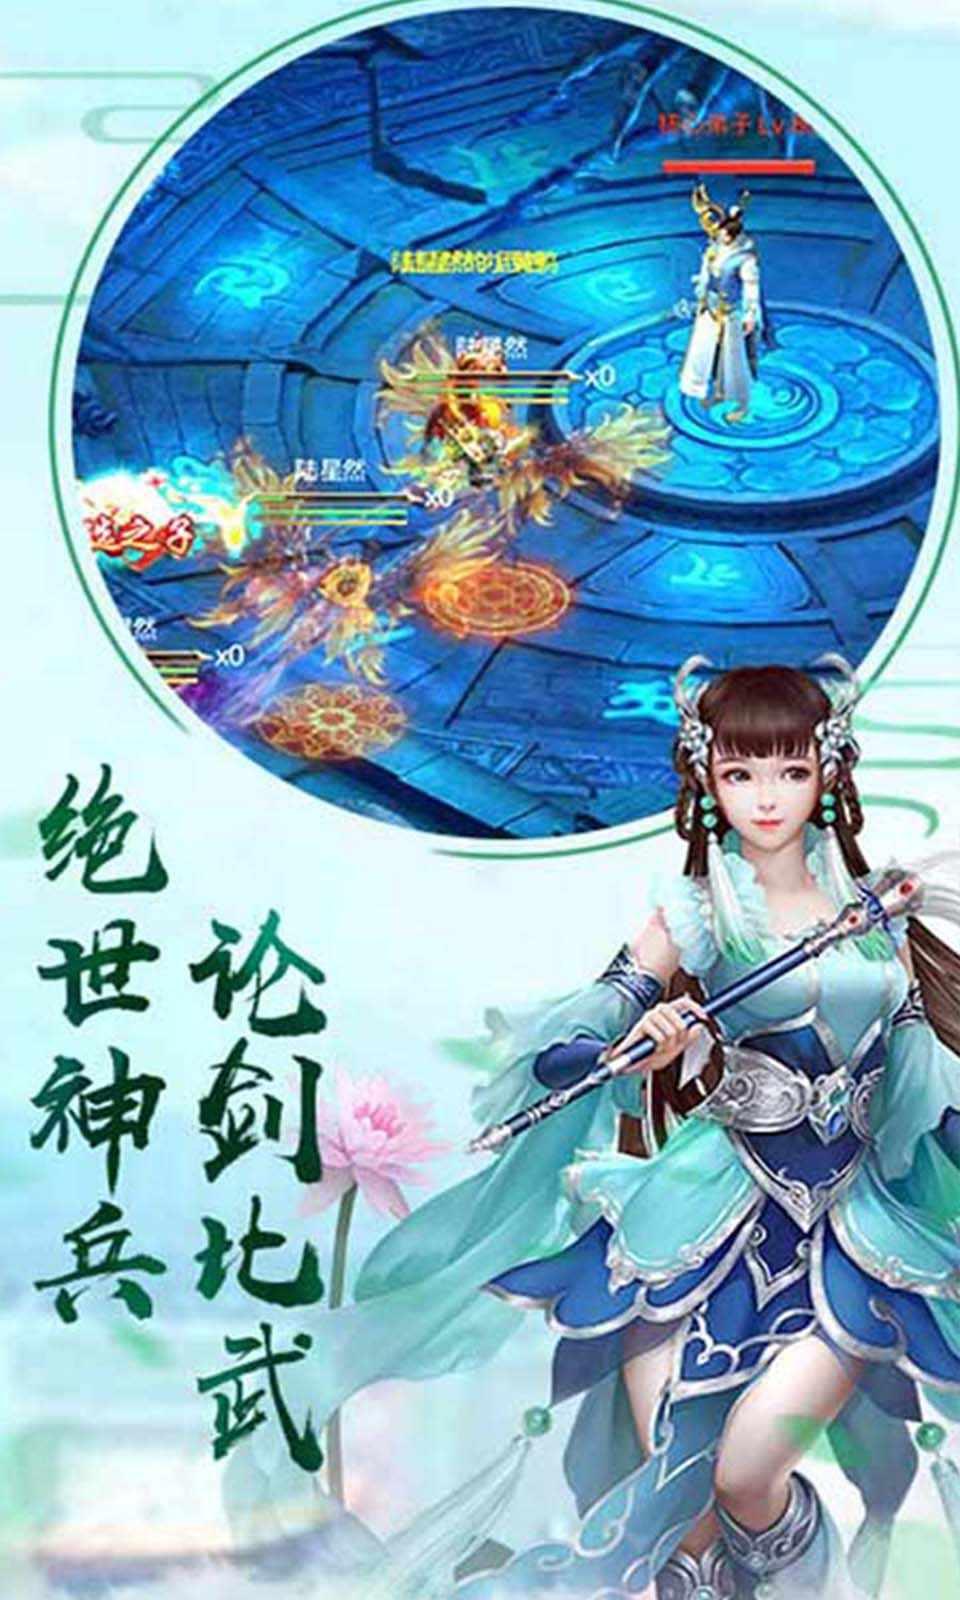 手机游戏通用版_剑侠奇缘_安卓手机游戏免费版下载_7723手机游戏